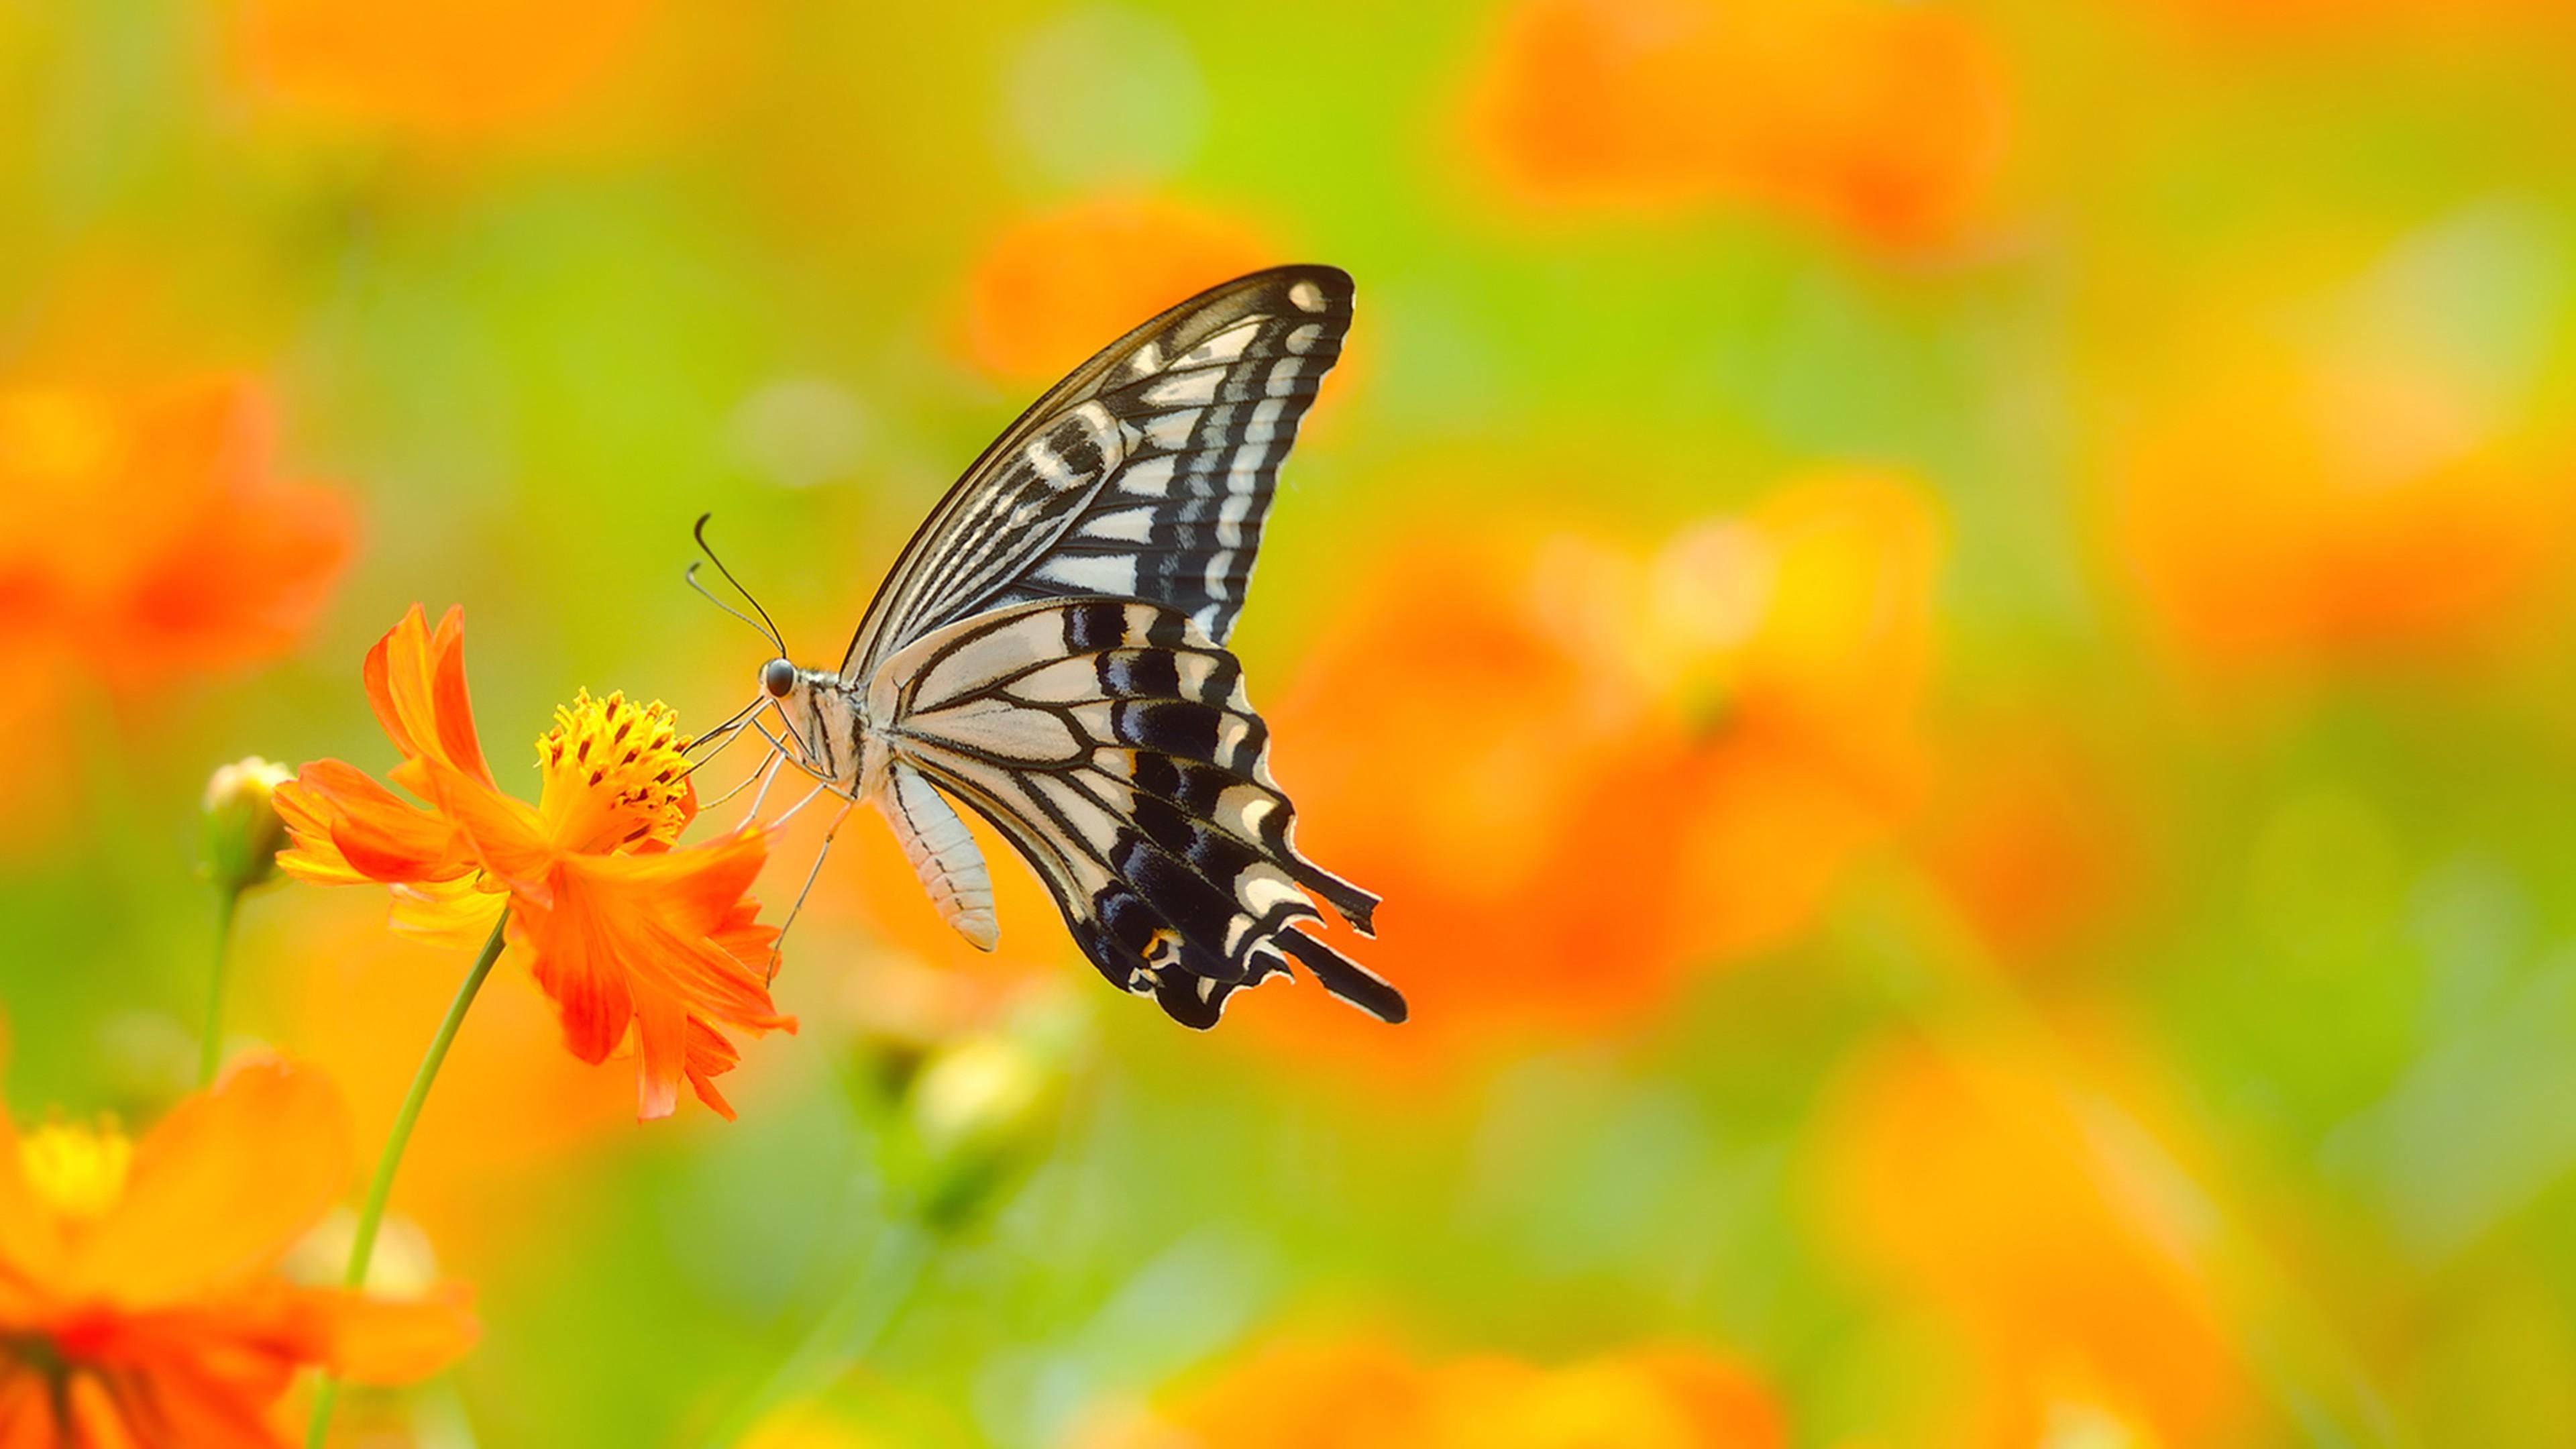 цветы,желтые,бабочка  № 664948 бесплатно